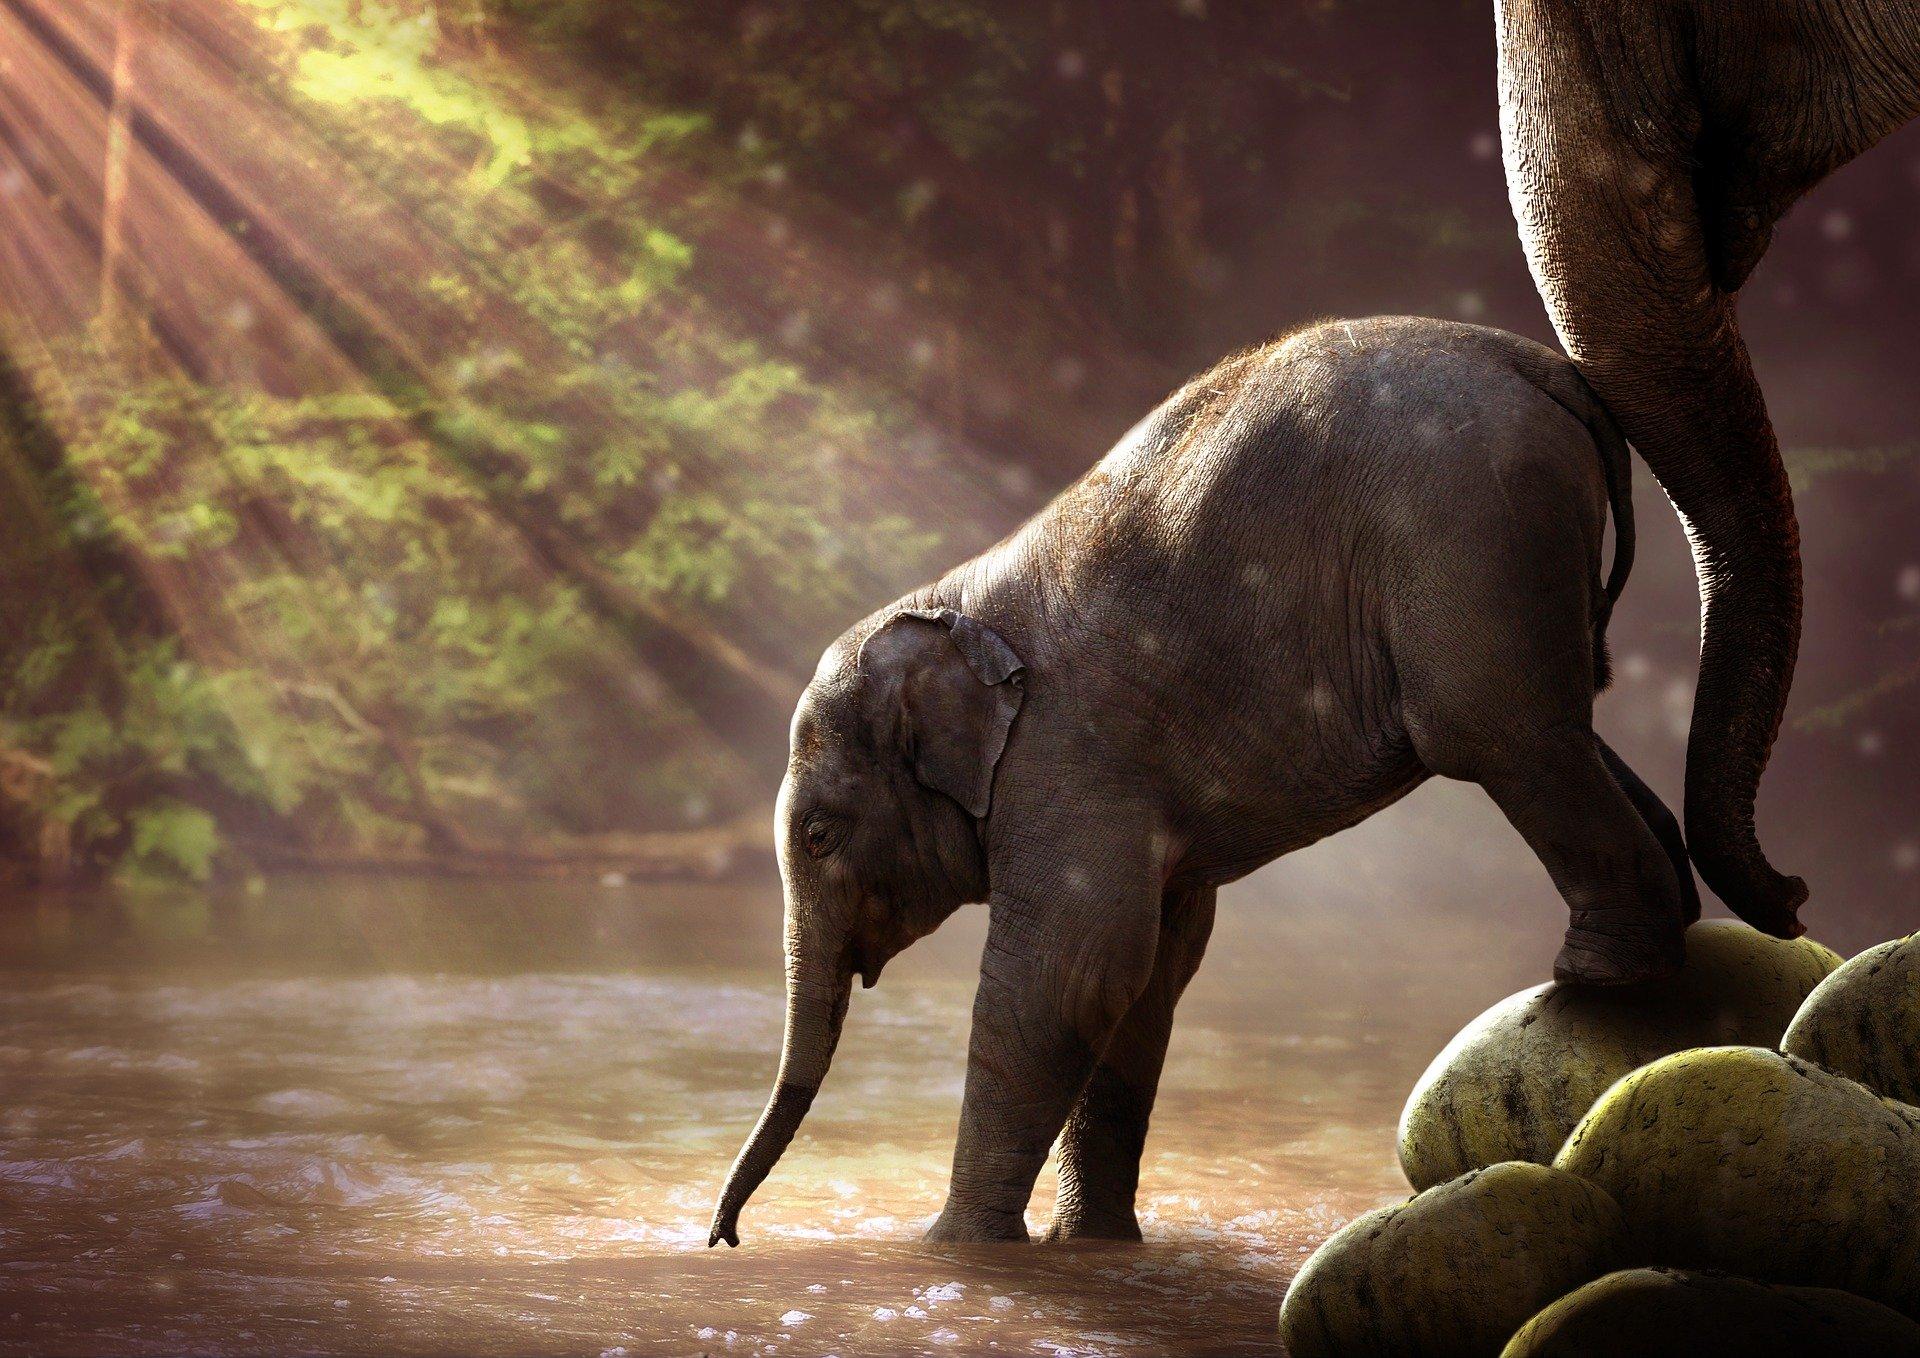 Asiatischer Elefant - elephant